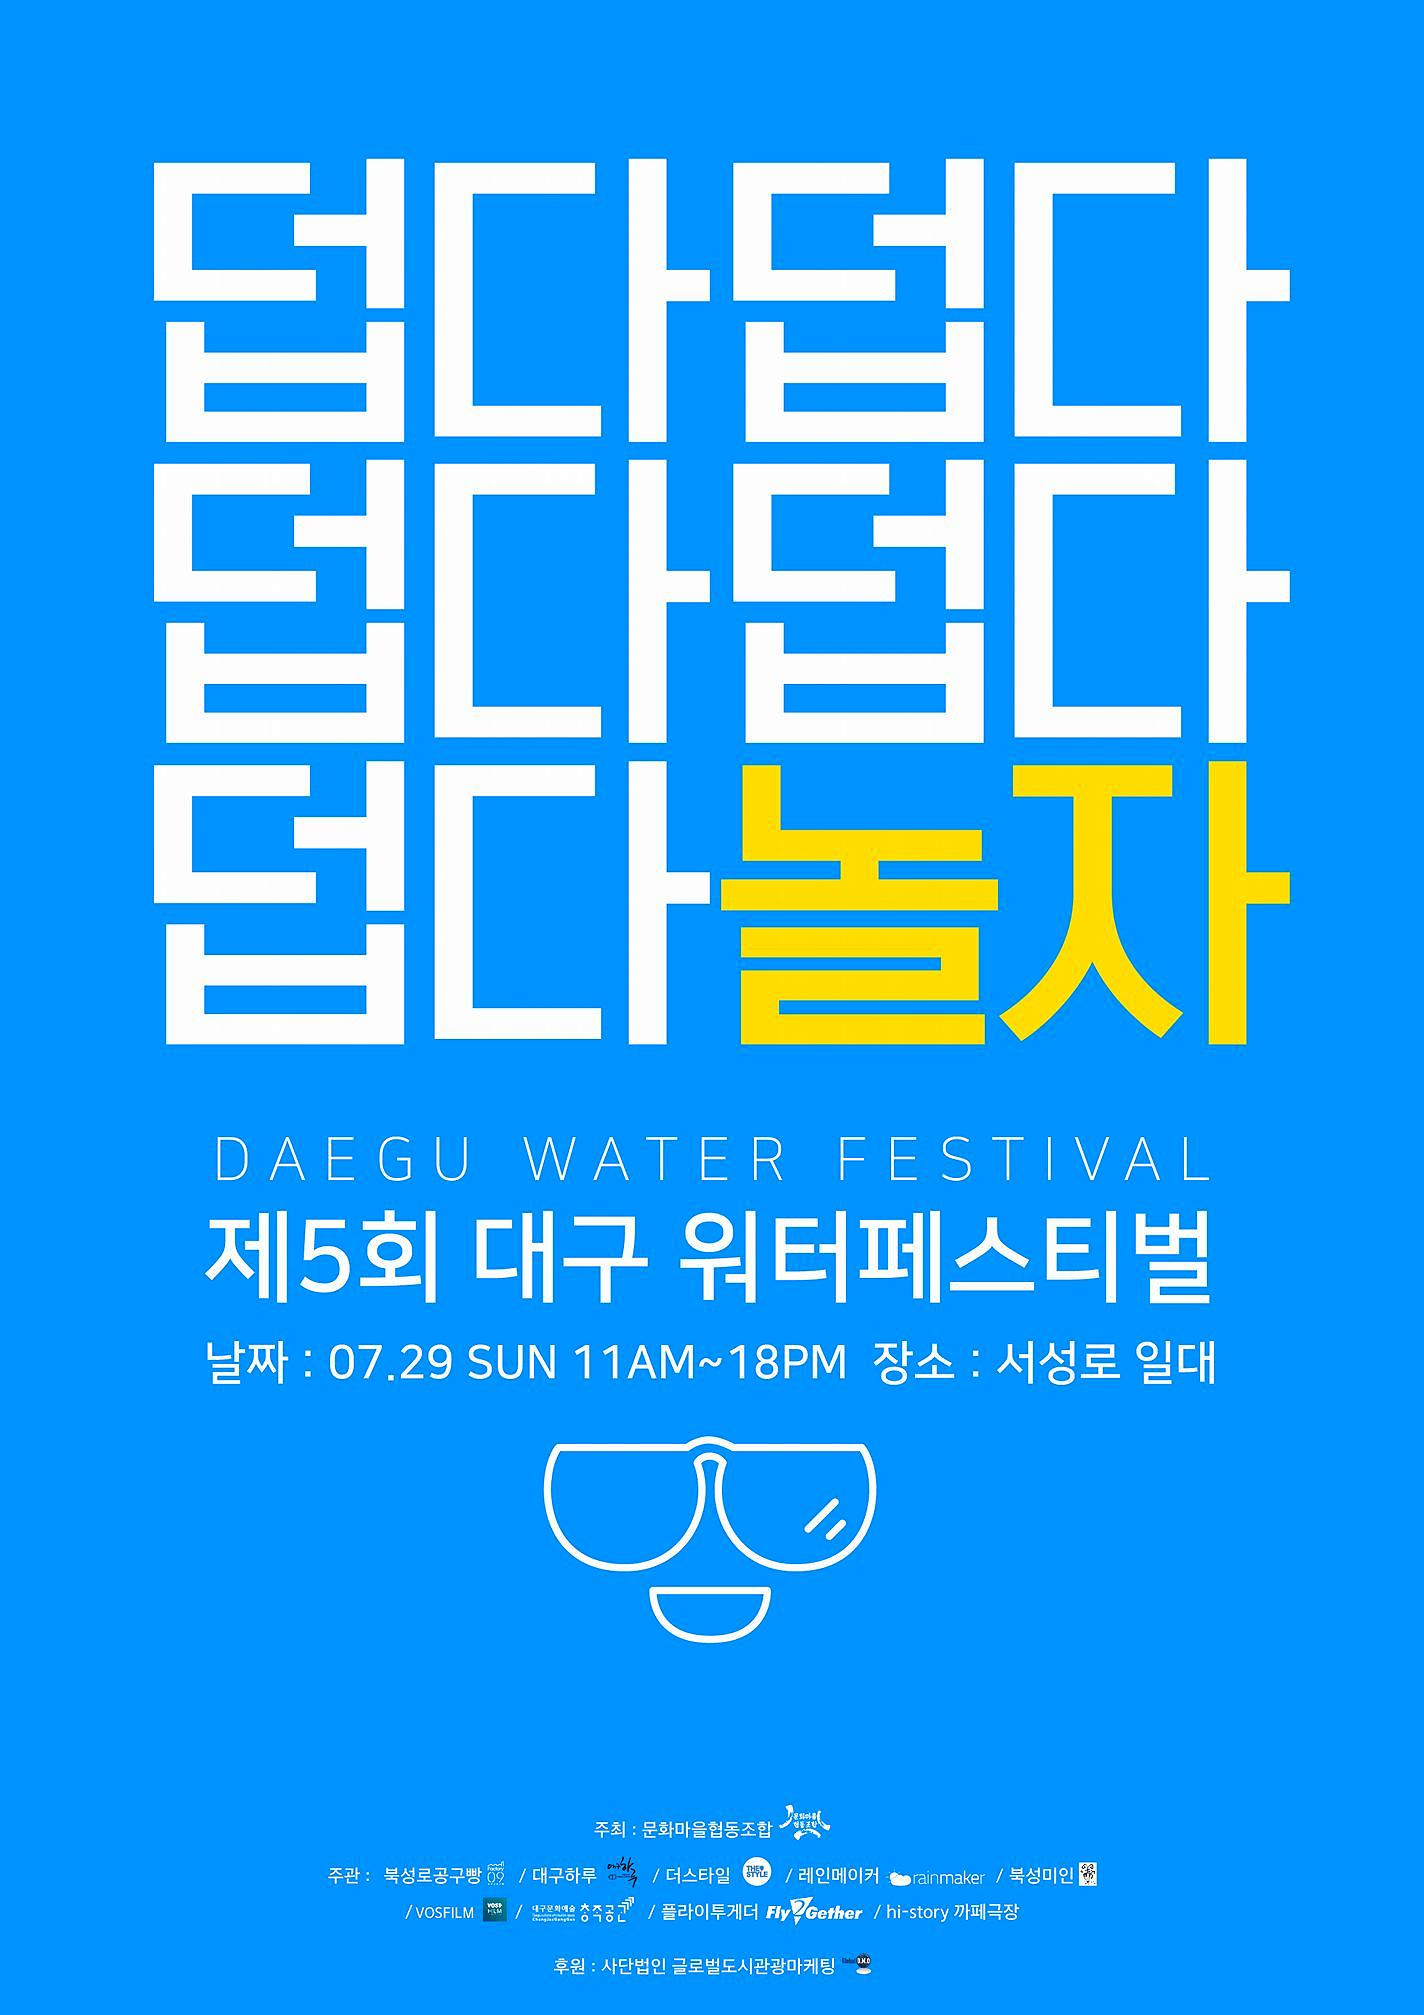 덥다덥다덥다덥다덥다놀자 Daegu Water Festival 제5회 대구 워터페스티벌, 날짜 : 07.29 Sun 11AM ~ 18PM, 장소 : 서성로 일대